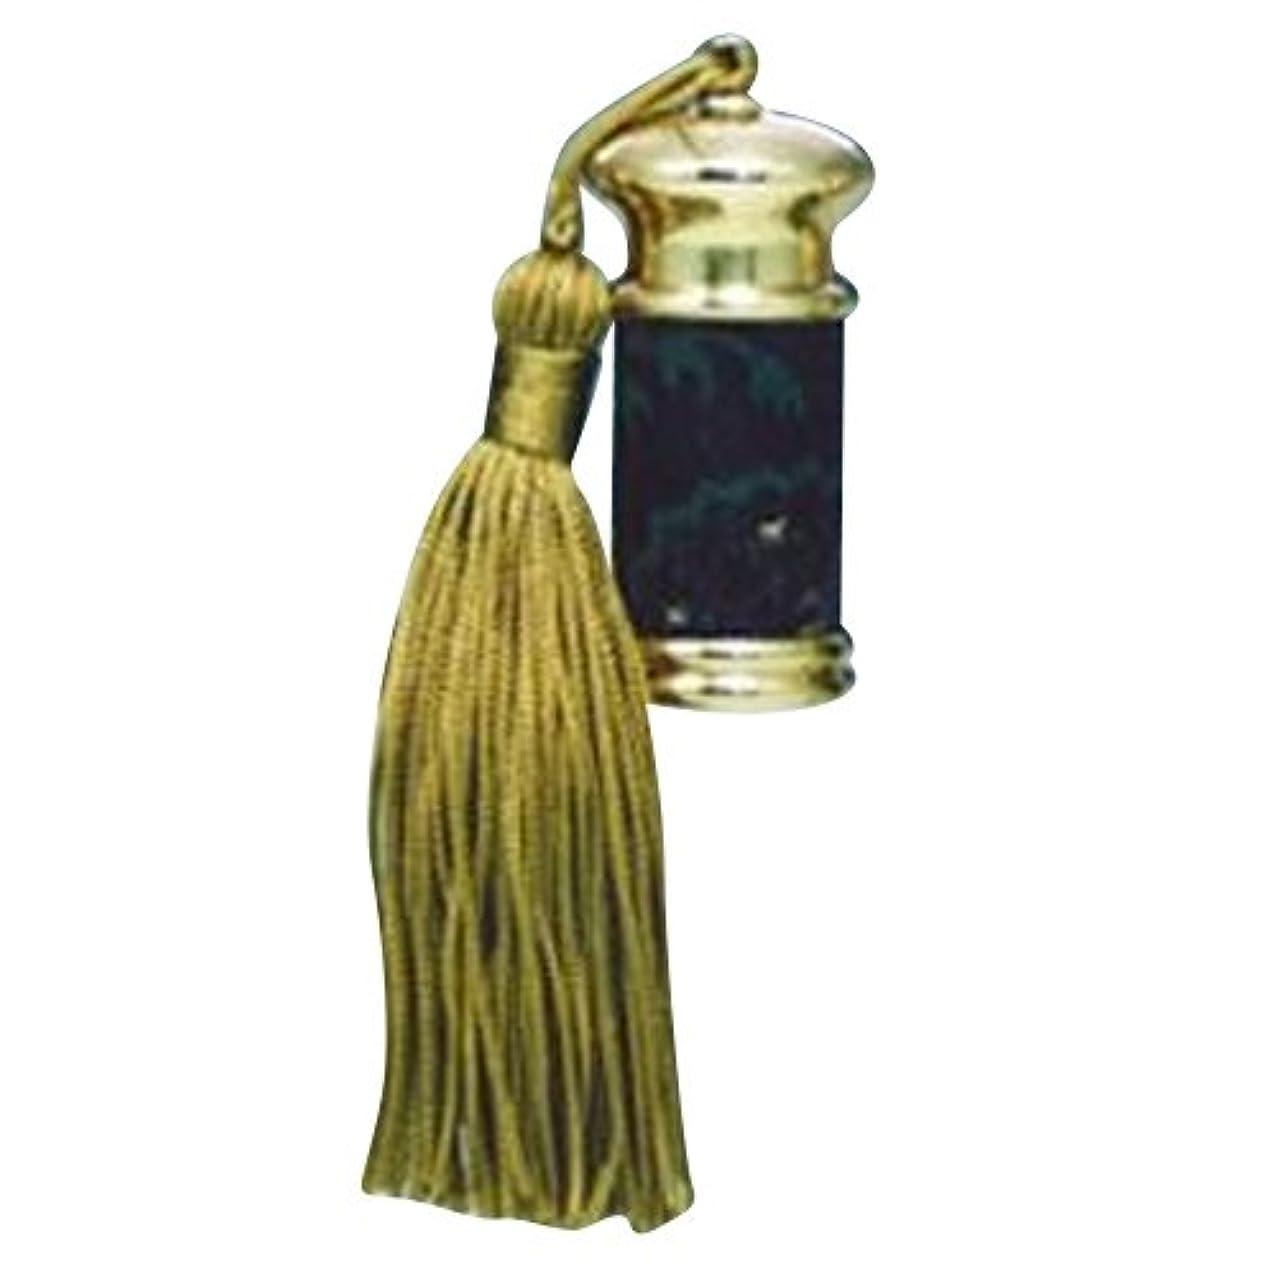 晴れ半球木製ヒロセアトマイザー エスニック レザー ボトル (真鍮 革巻き) 23012 BK (ブラック)